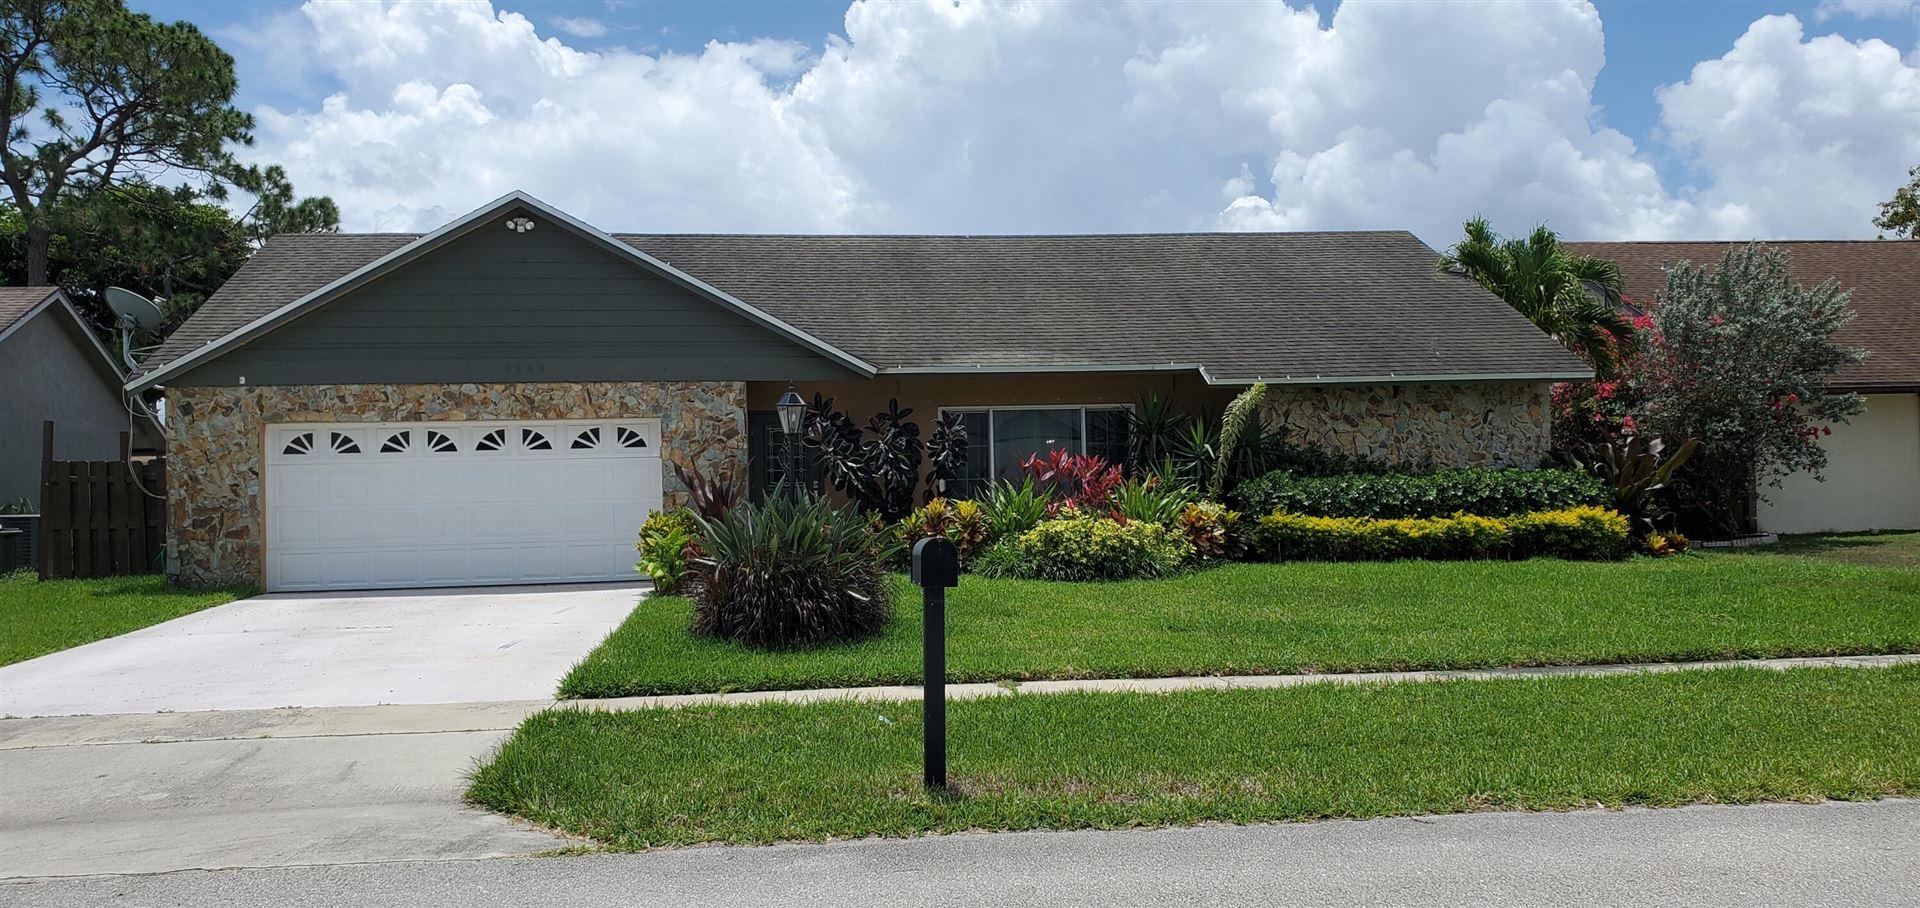 8244 Winnipesaukee Way, Lake Worth, FL 33467 - #: RX-10714907